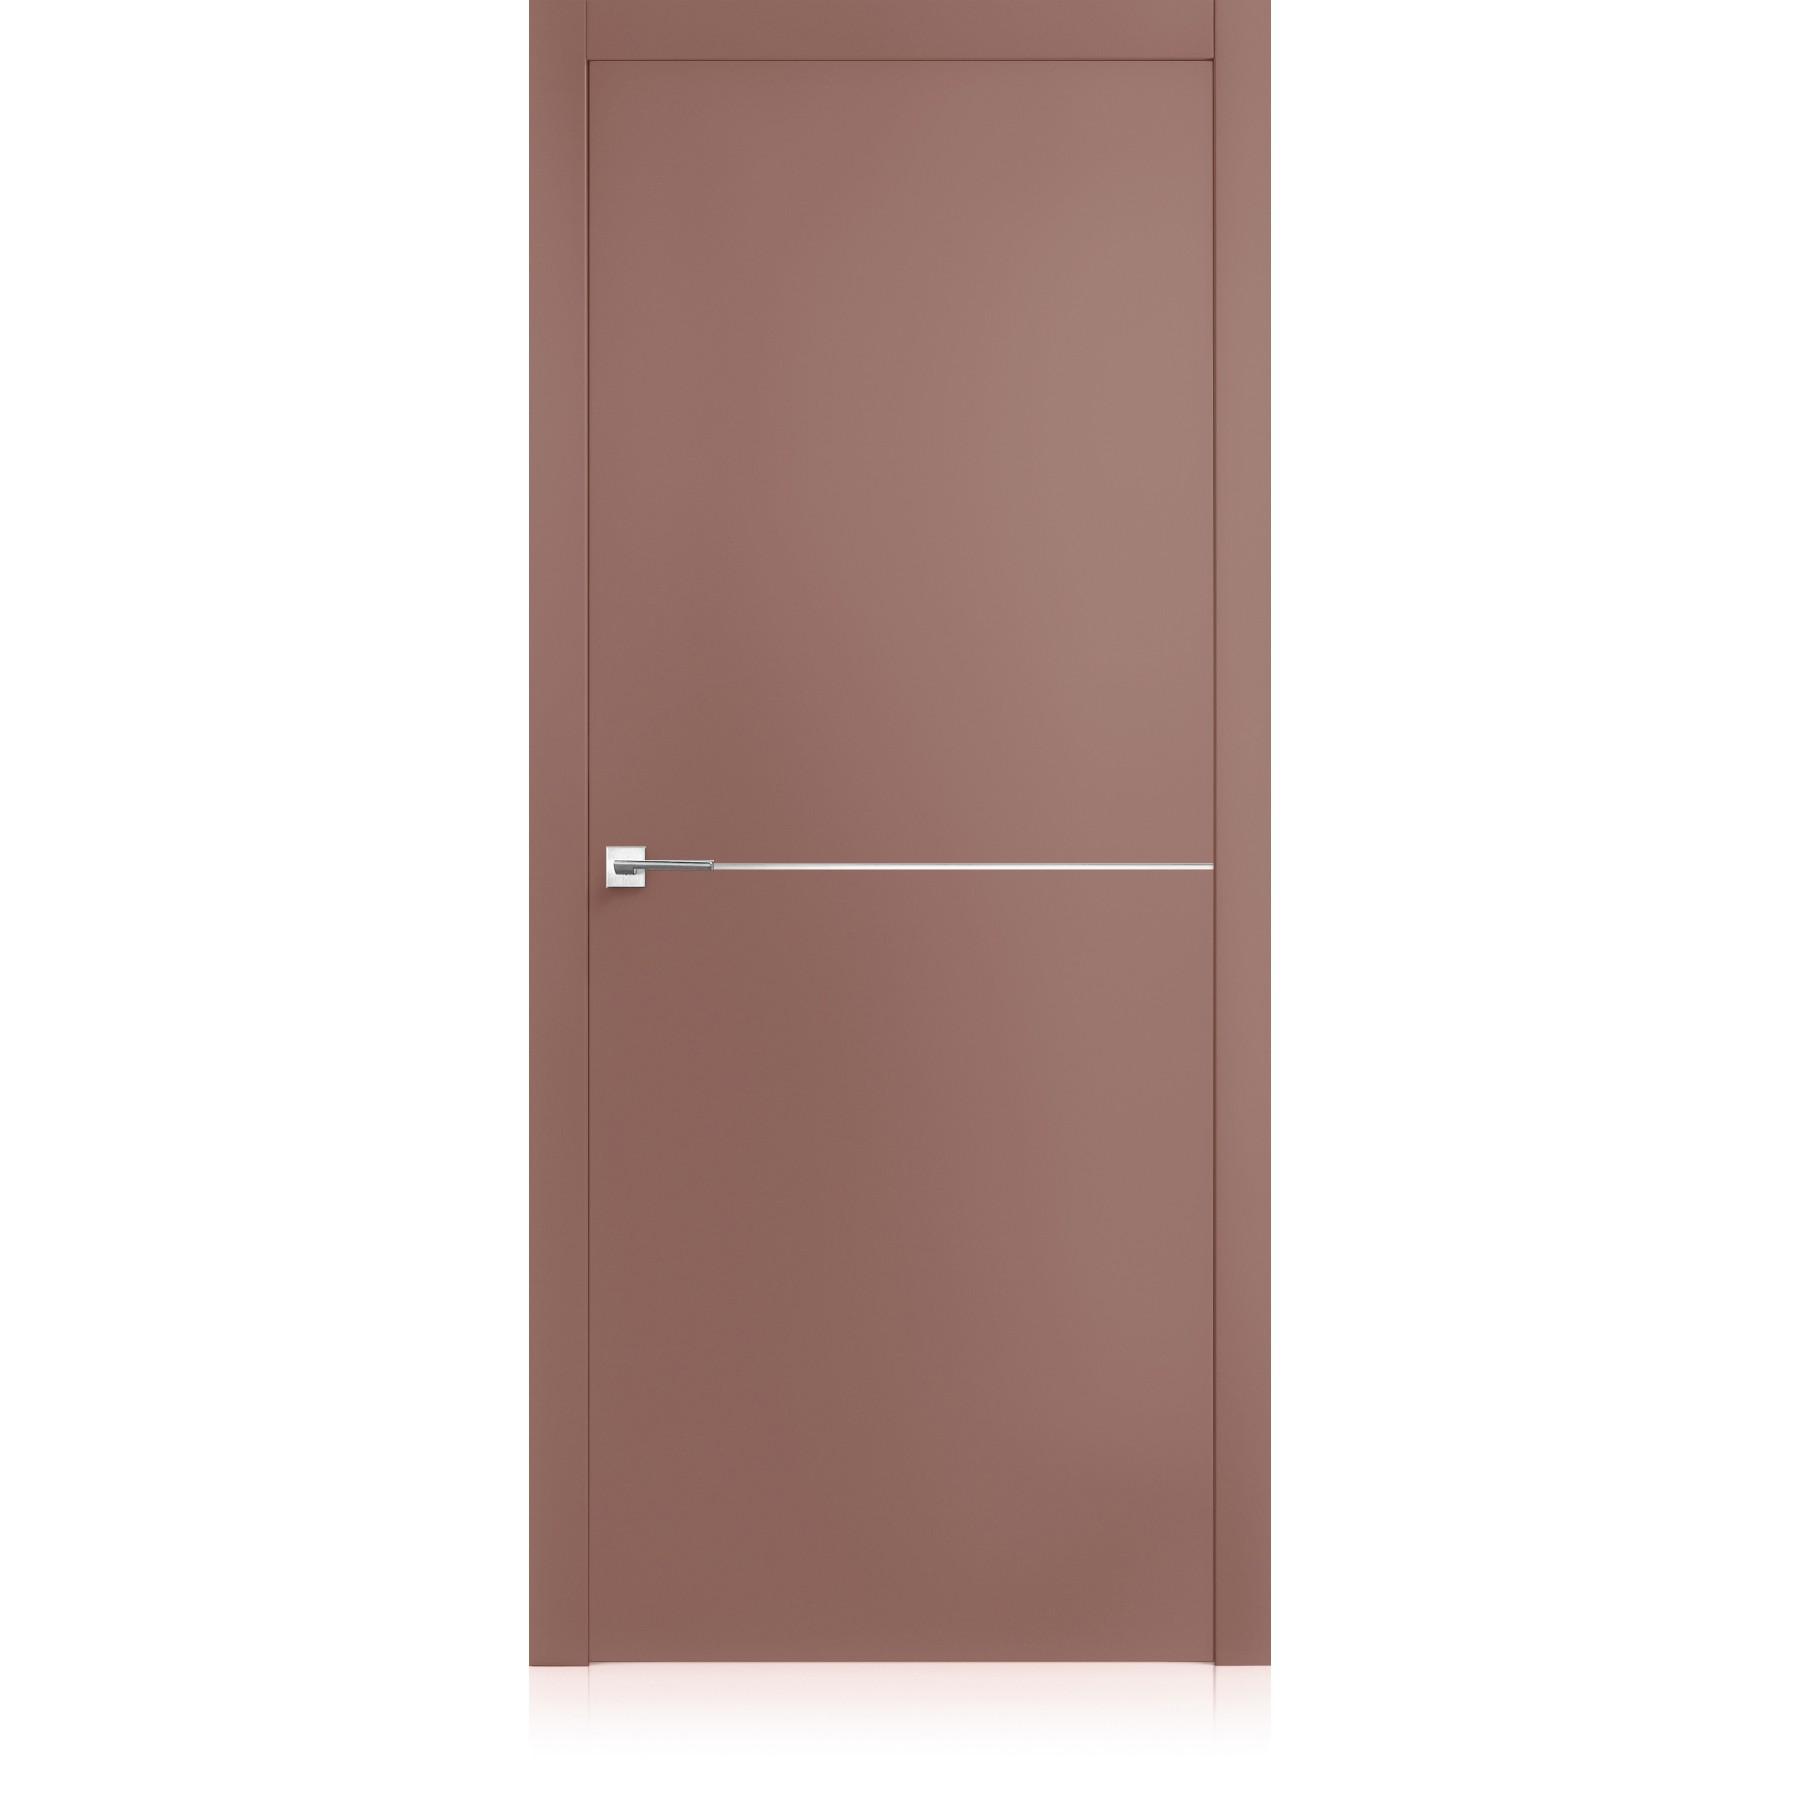 Porta Equa / 1 Malva Light Laccato ULTRAopaco